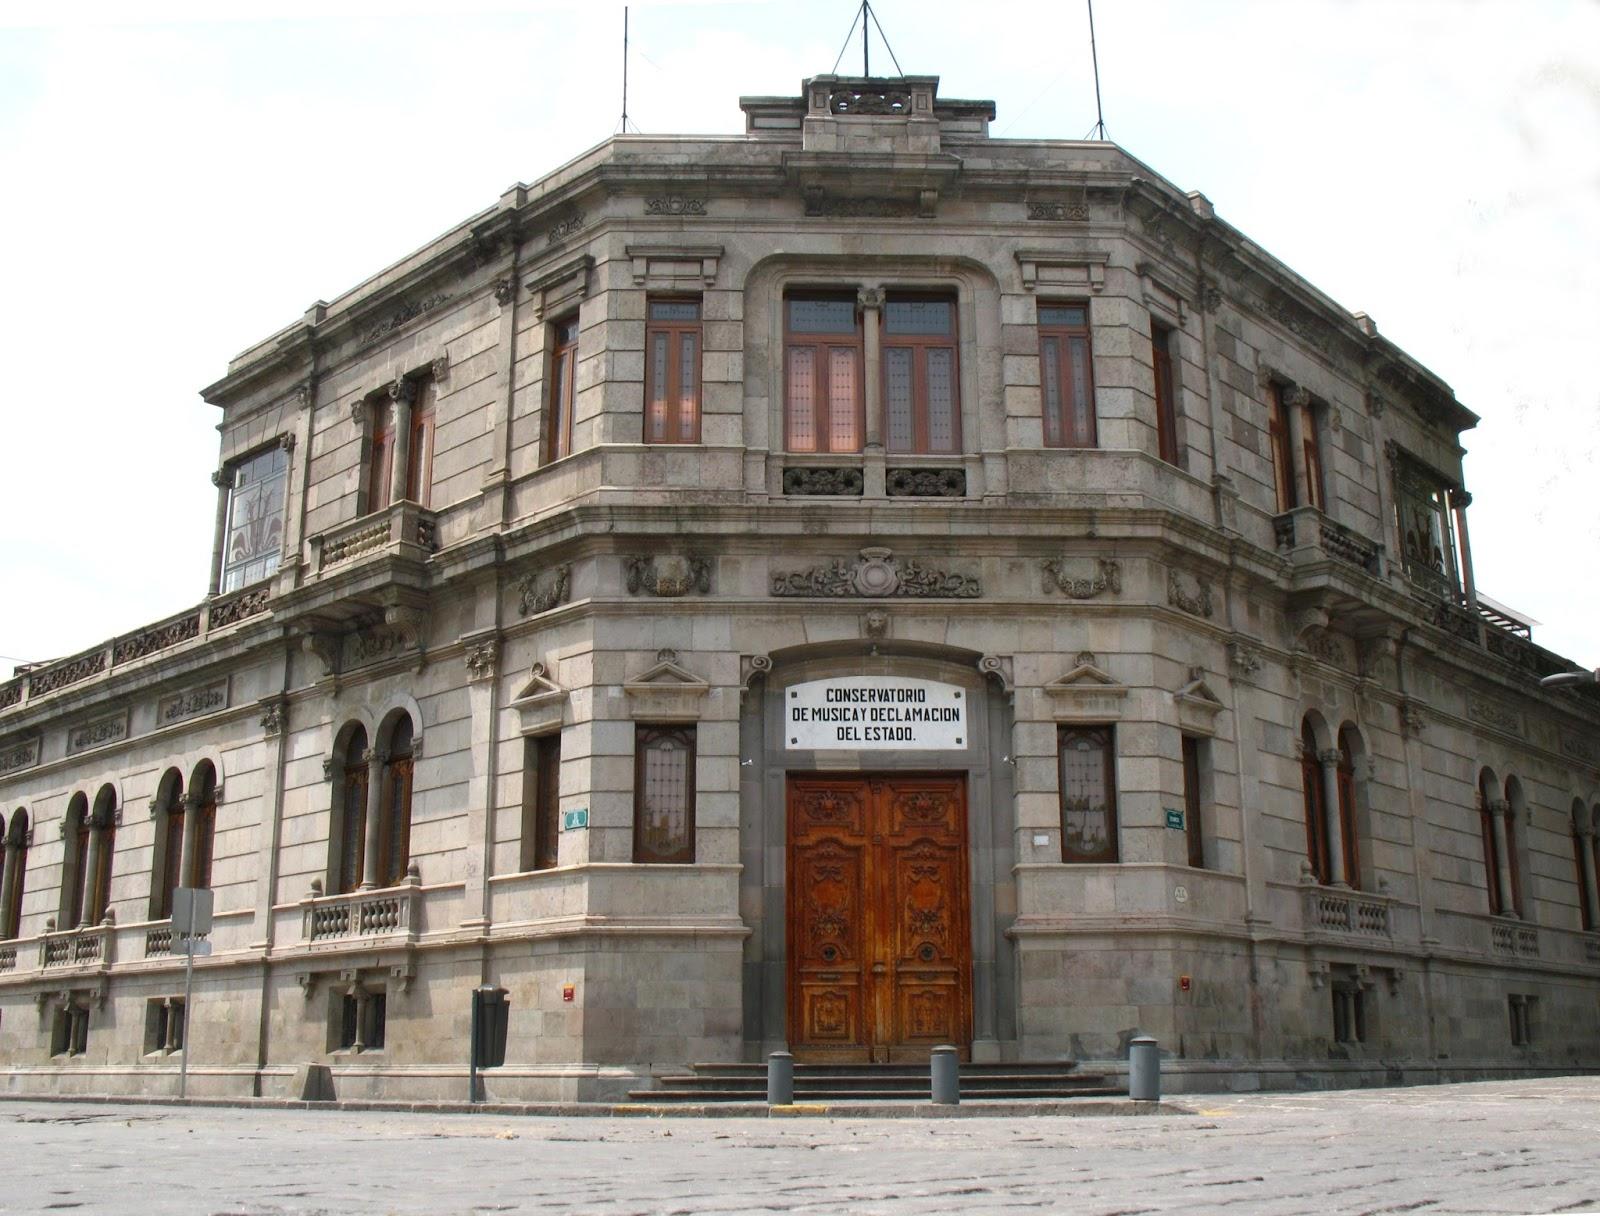 Puebla colonial noviembre 2016 for Conservatorio de musica